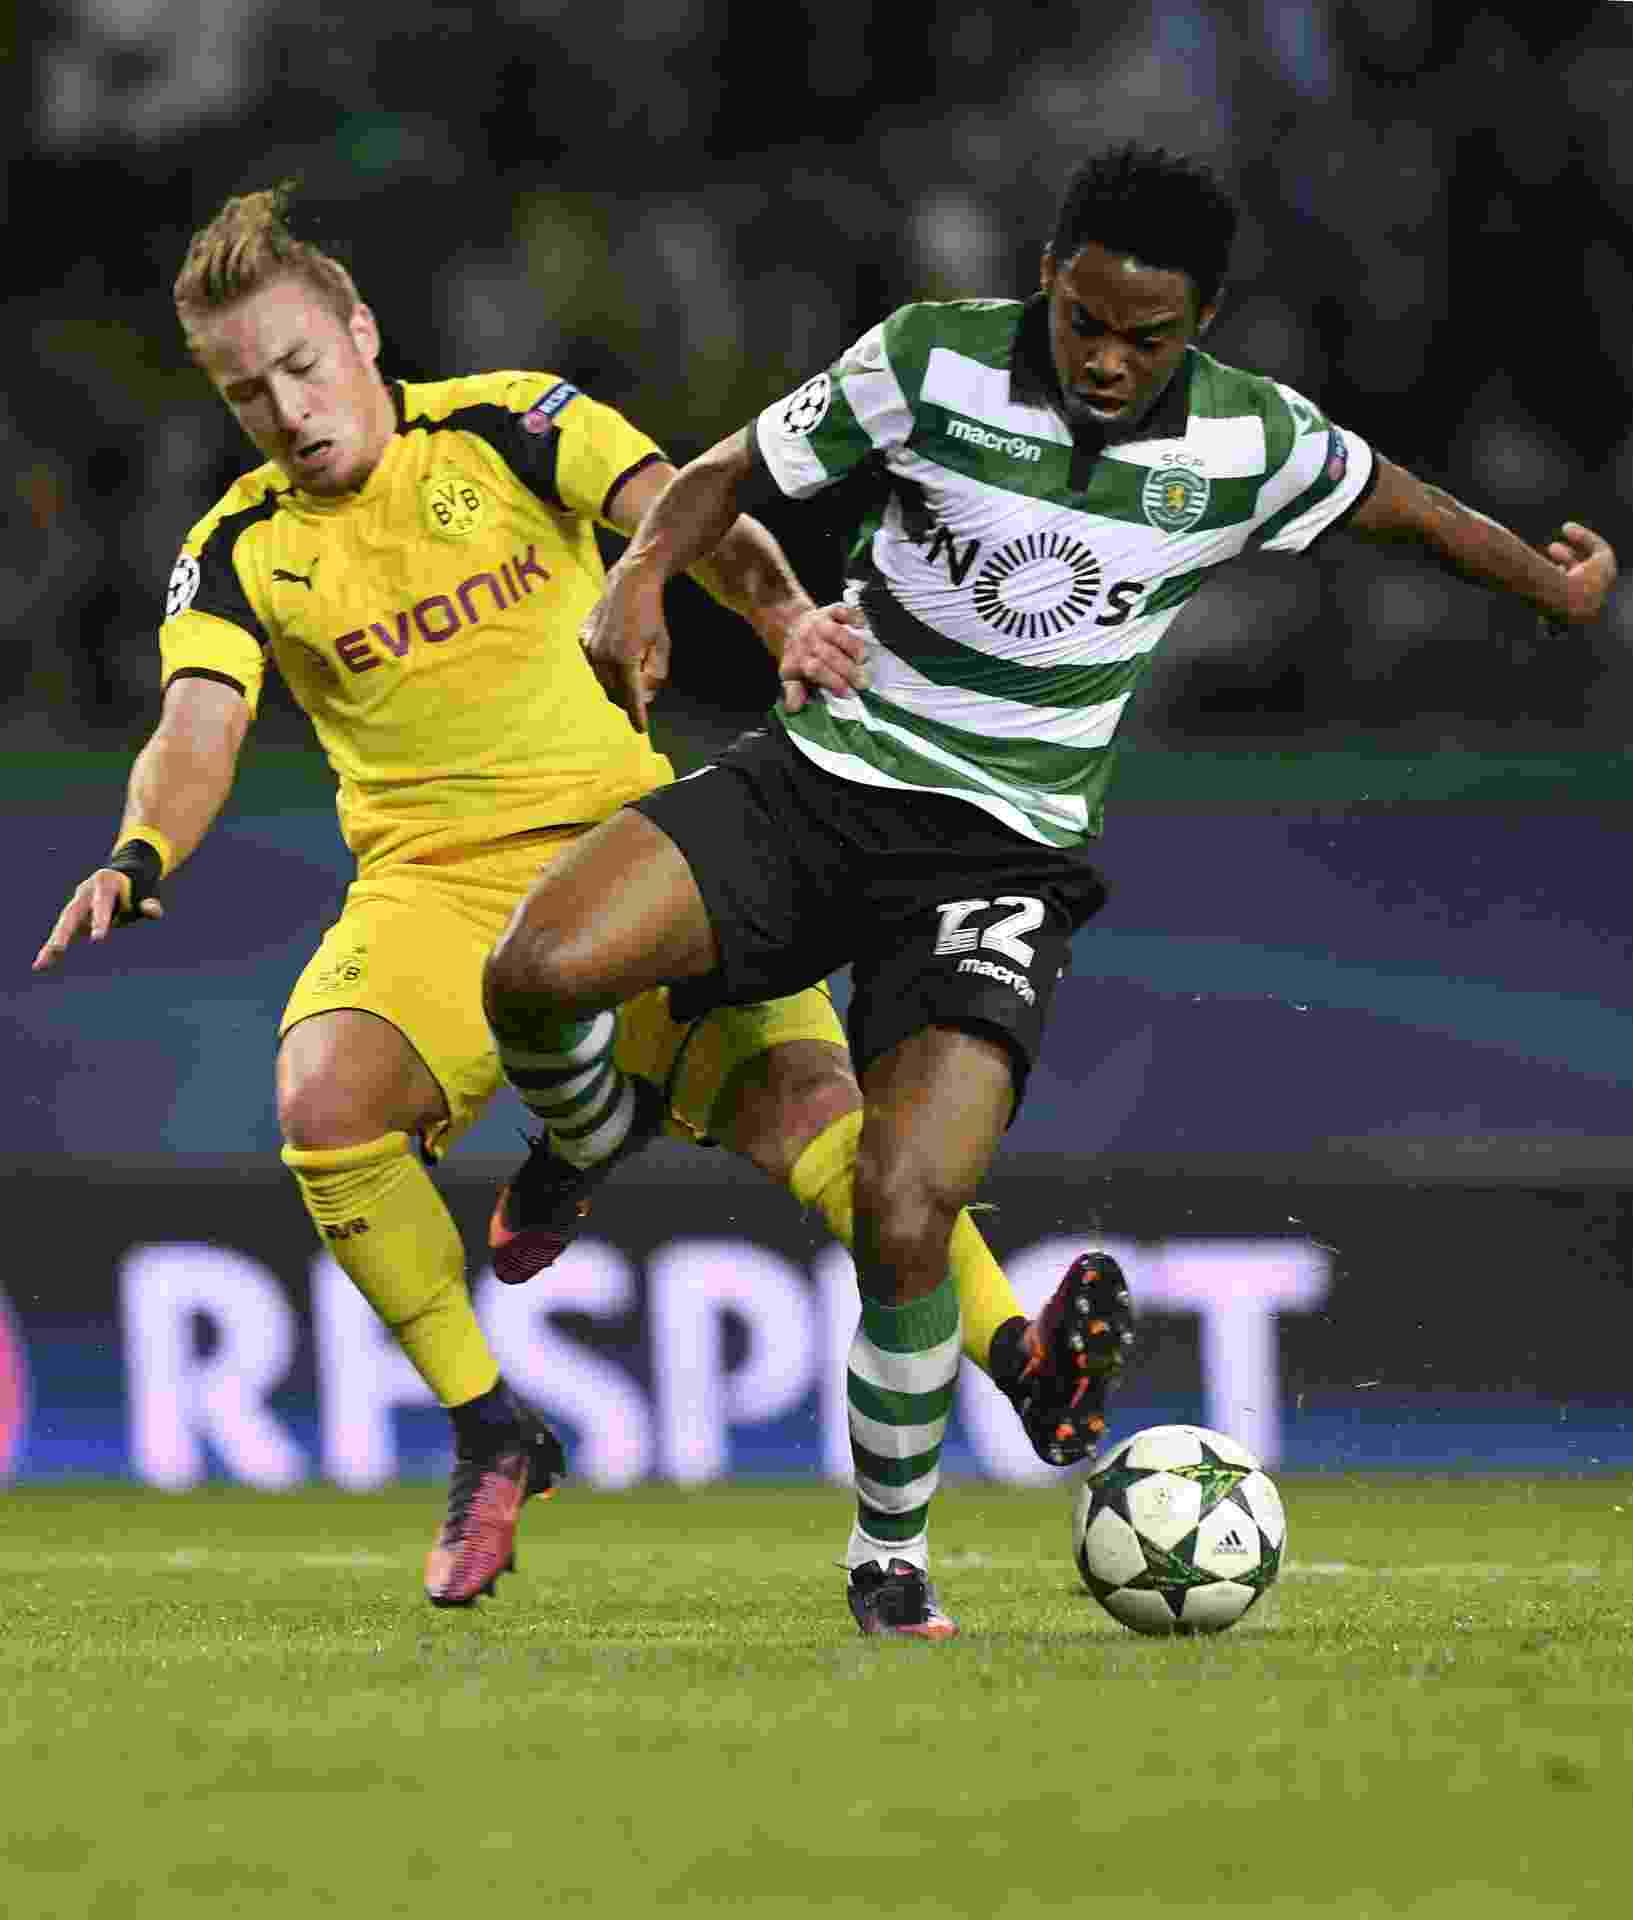 Elias disputa bola com Passlack, durante a partida entre Sporting Lisboa e Borussia Dortmund - AFP PHOTO / FRANCISCO LEONG